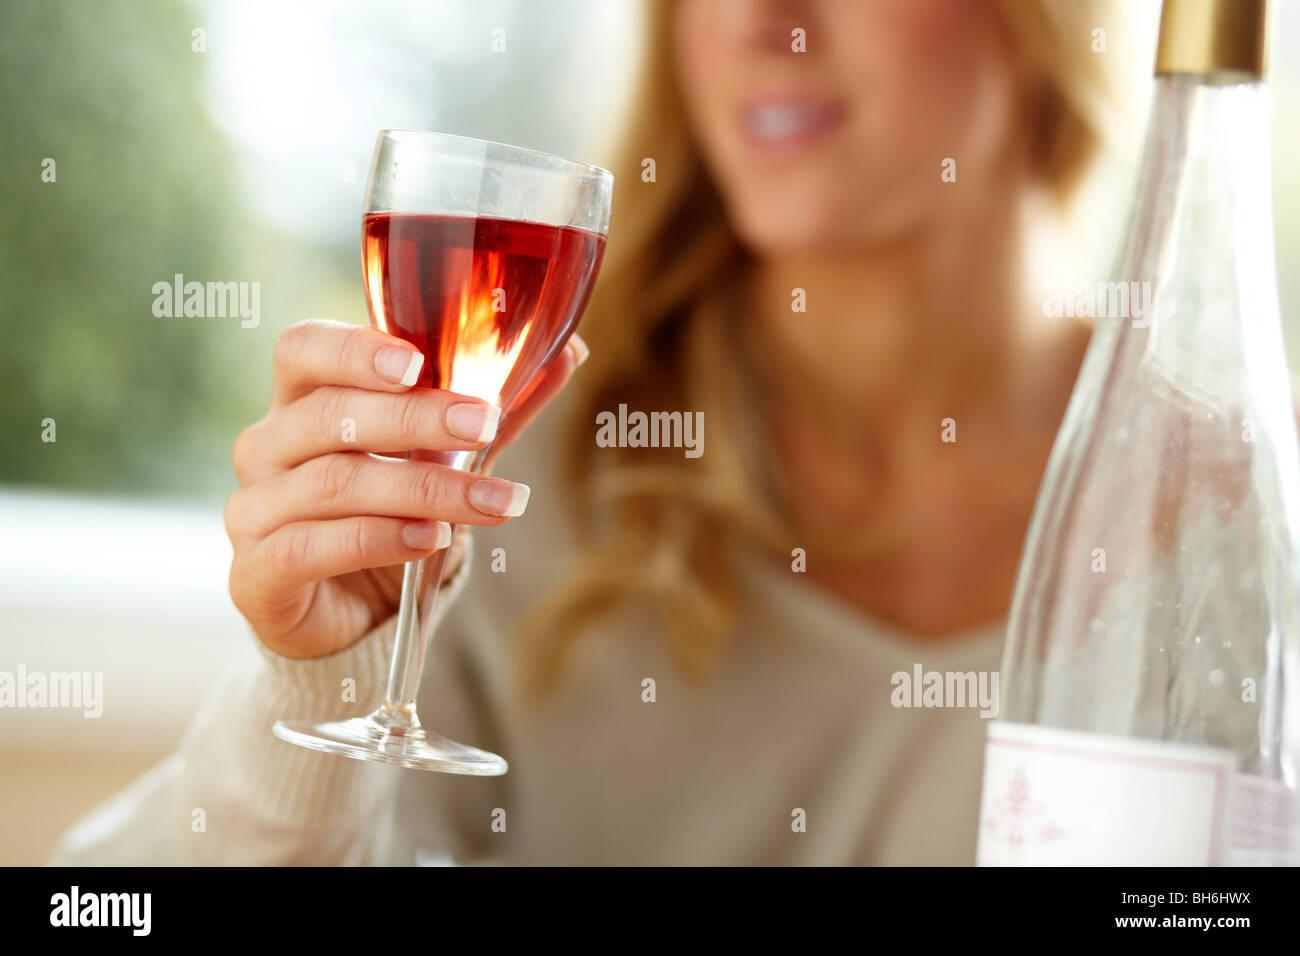 Frau trinkt Wein Stockbild